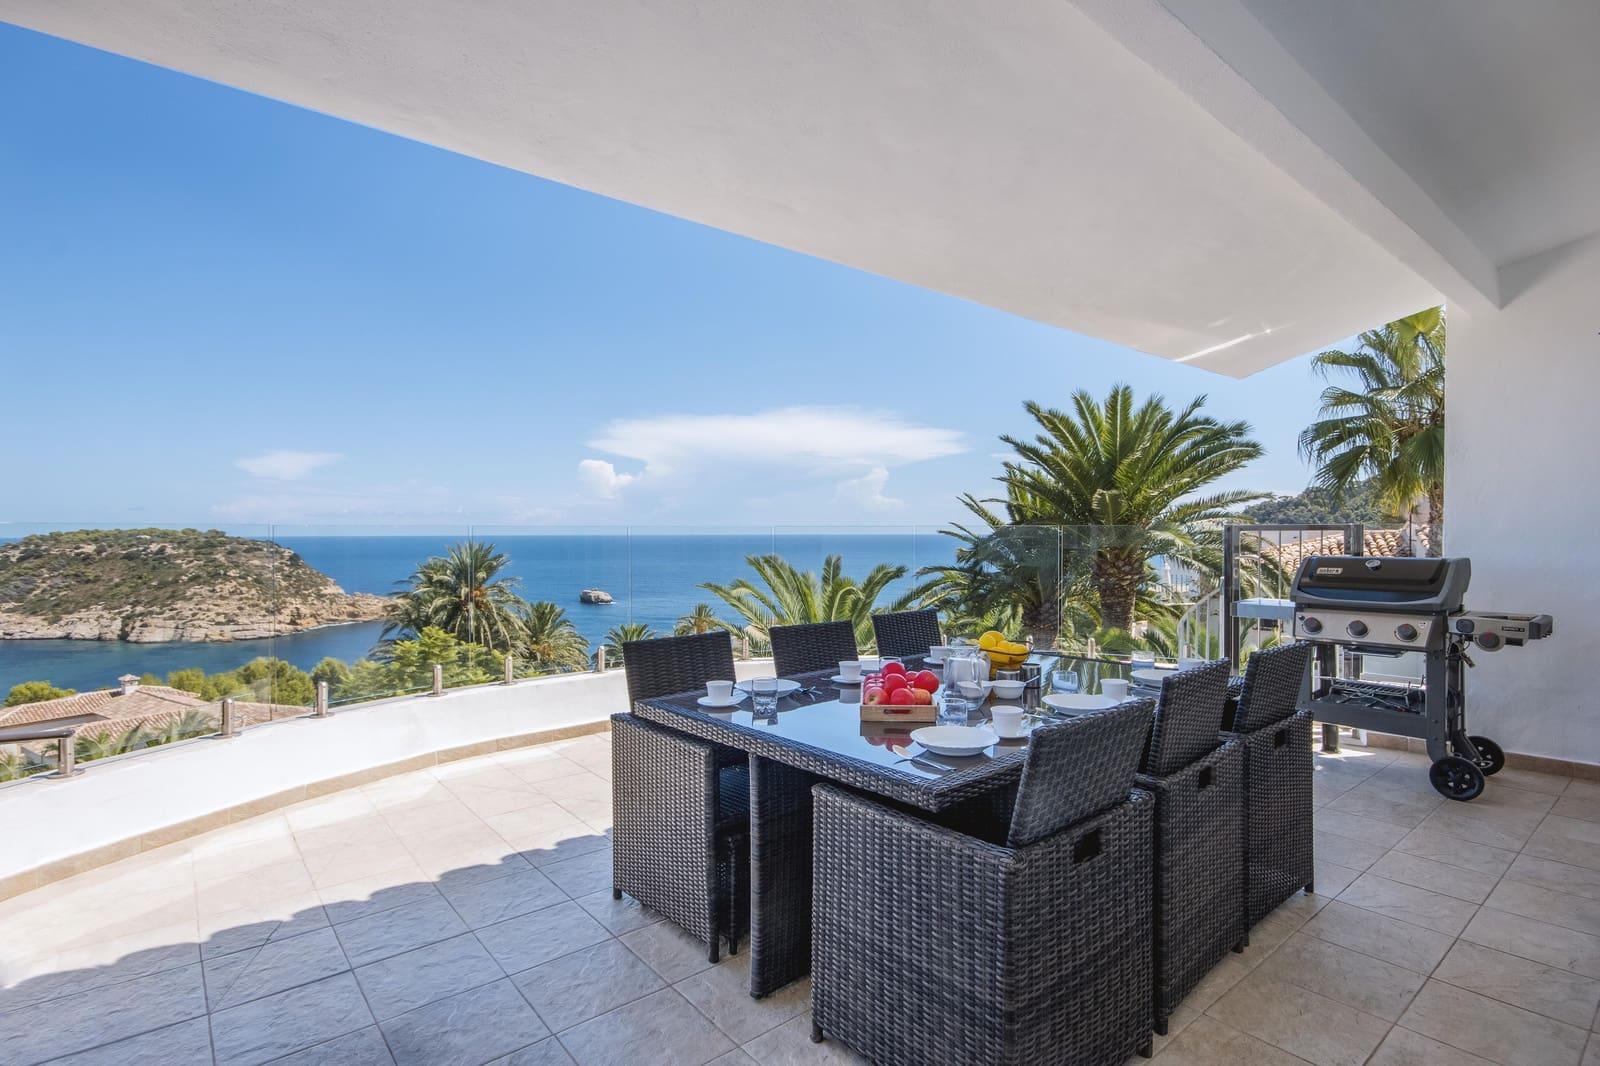 6 sypialnia Willa na kwatery wakacyjne w Mar Azul z basenem garażem - 1 460 € (Ref: 3777688)